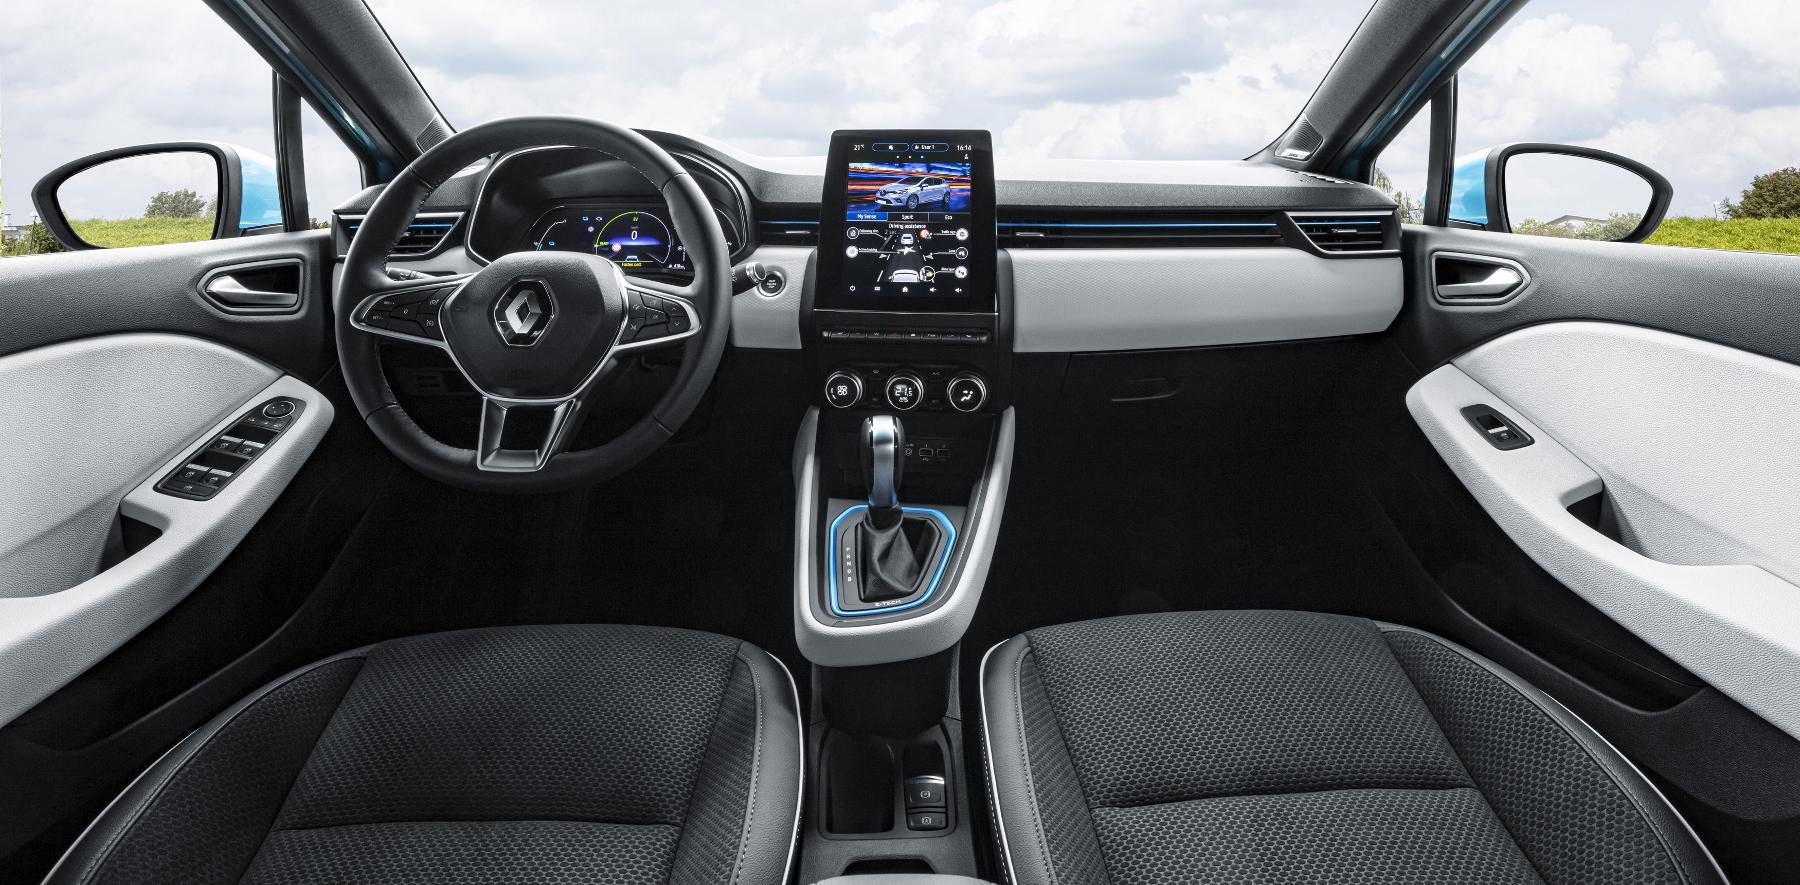 Renault Clio (13)